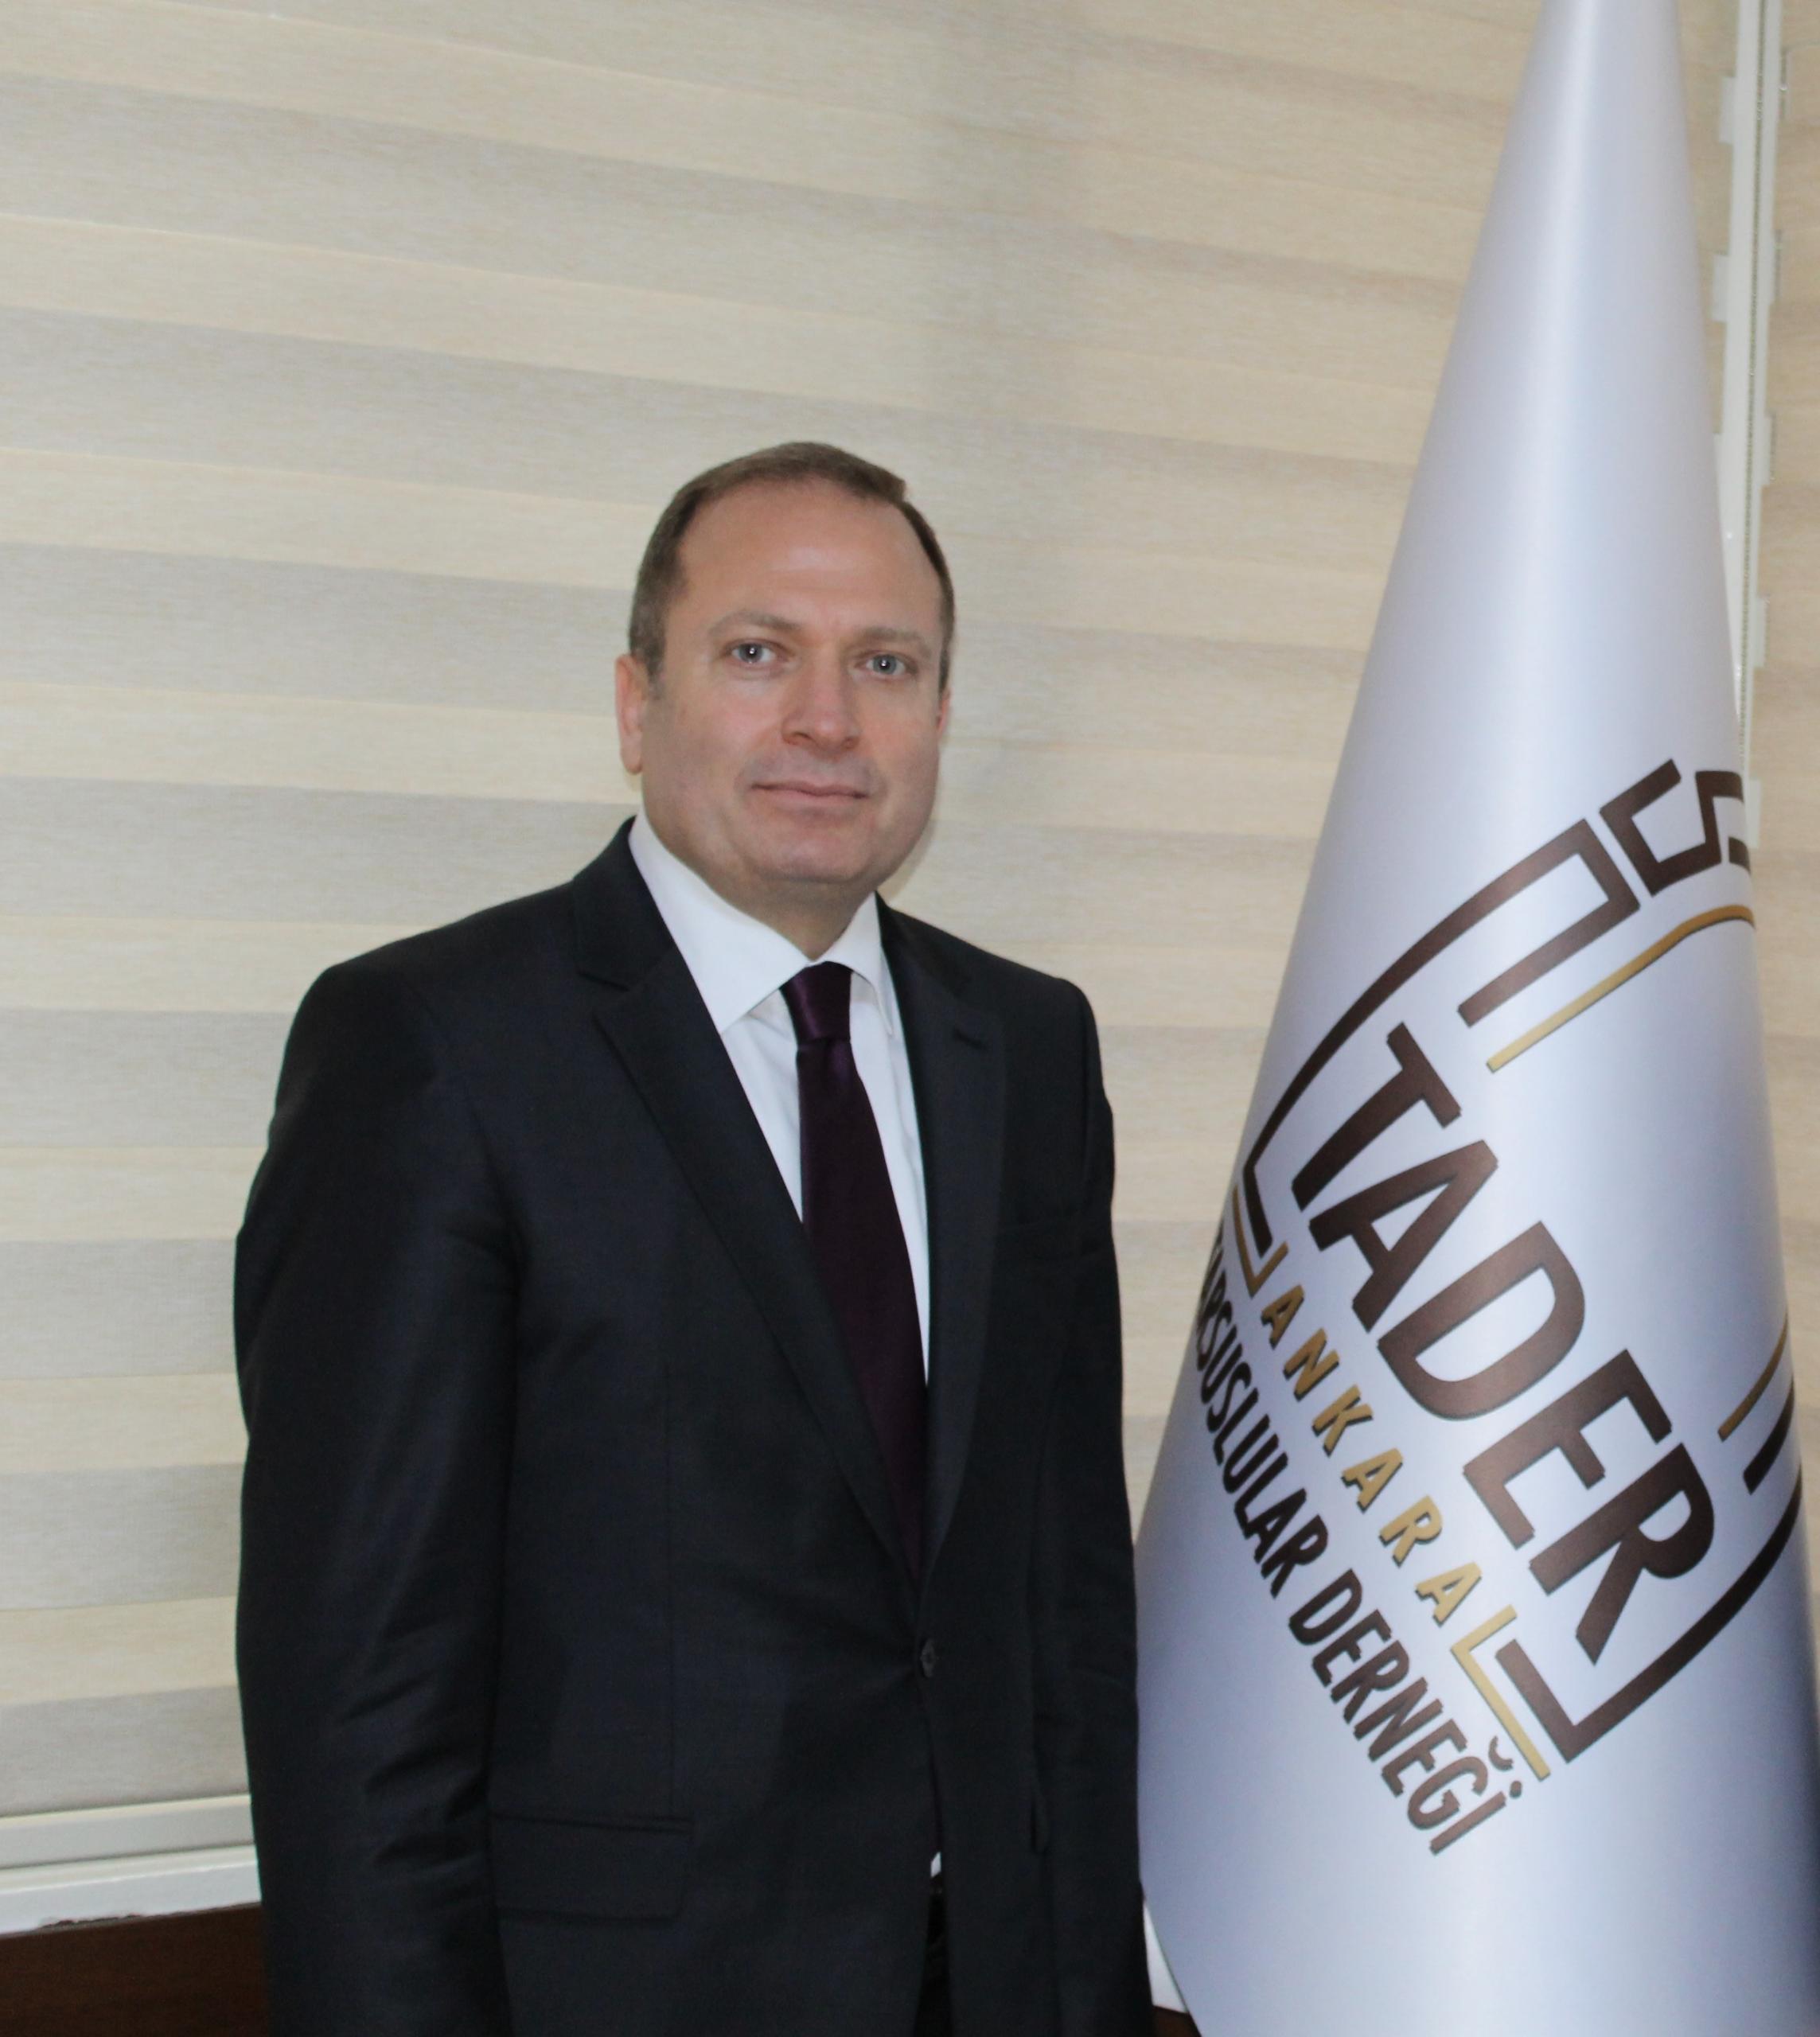 Ankara Tarsuslular Derneği (TADER) Başkanı Semih ÖZSU Kurban Bayramı nedeniyle mesaj yayımladı.